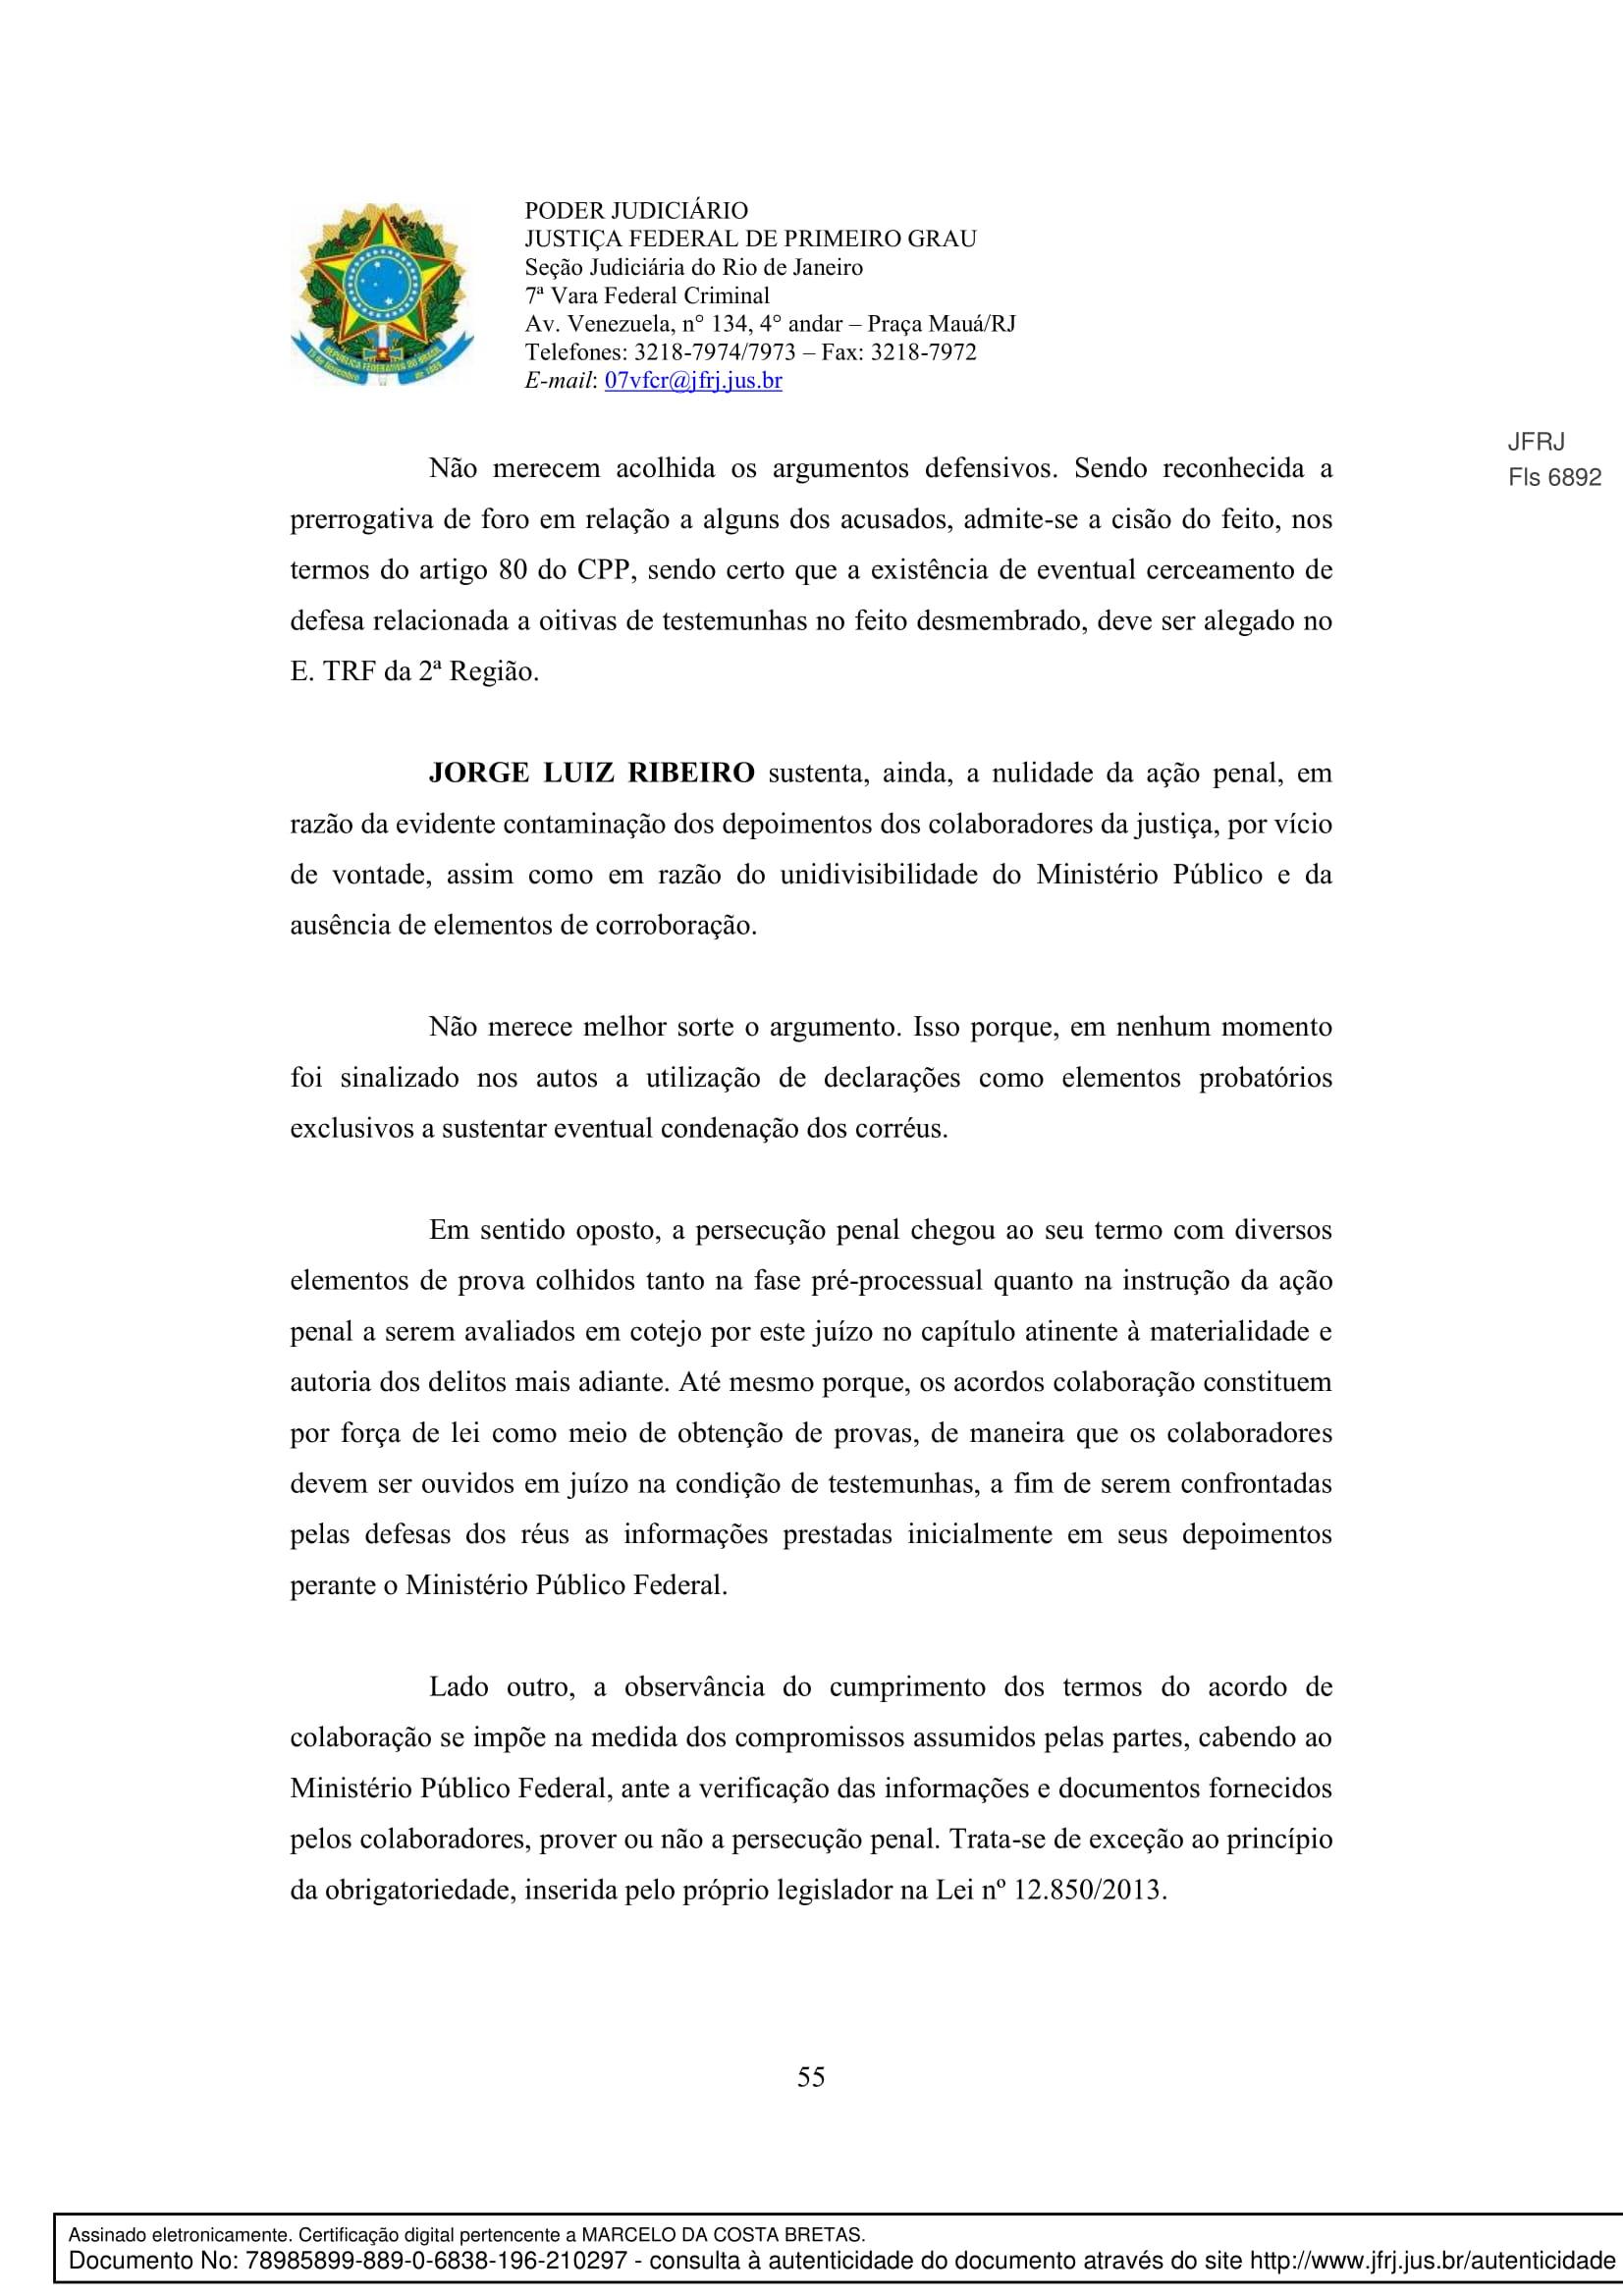 Sentenca-Cadeia-Velha-7VFC-055